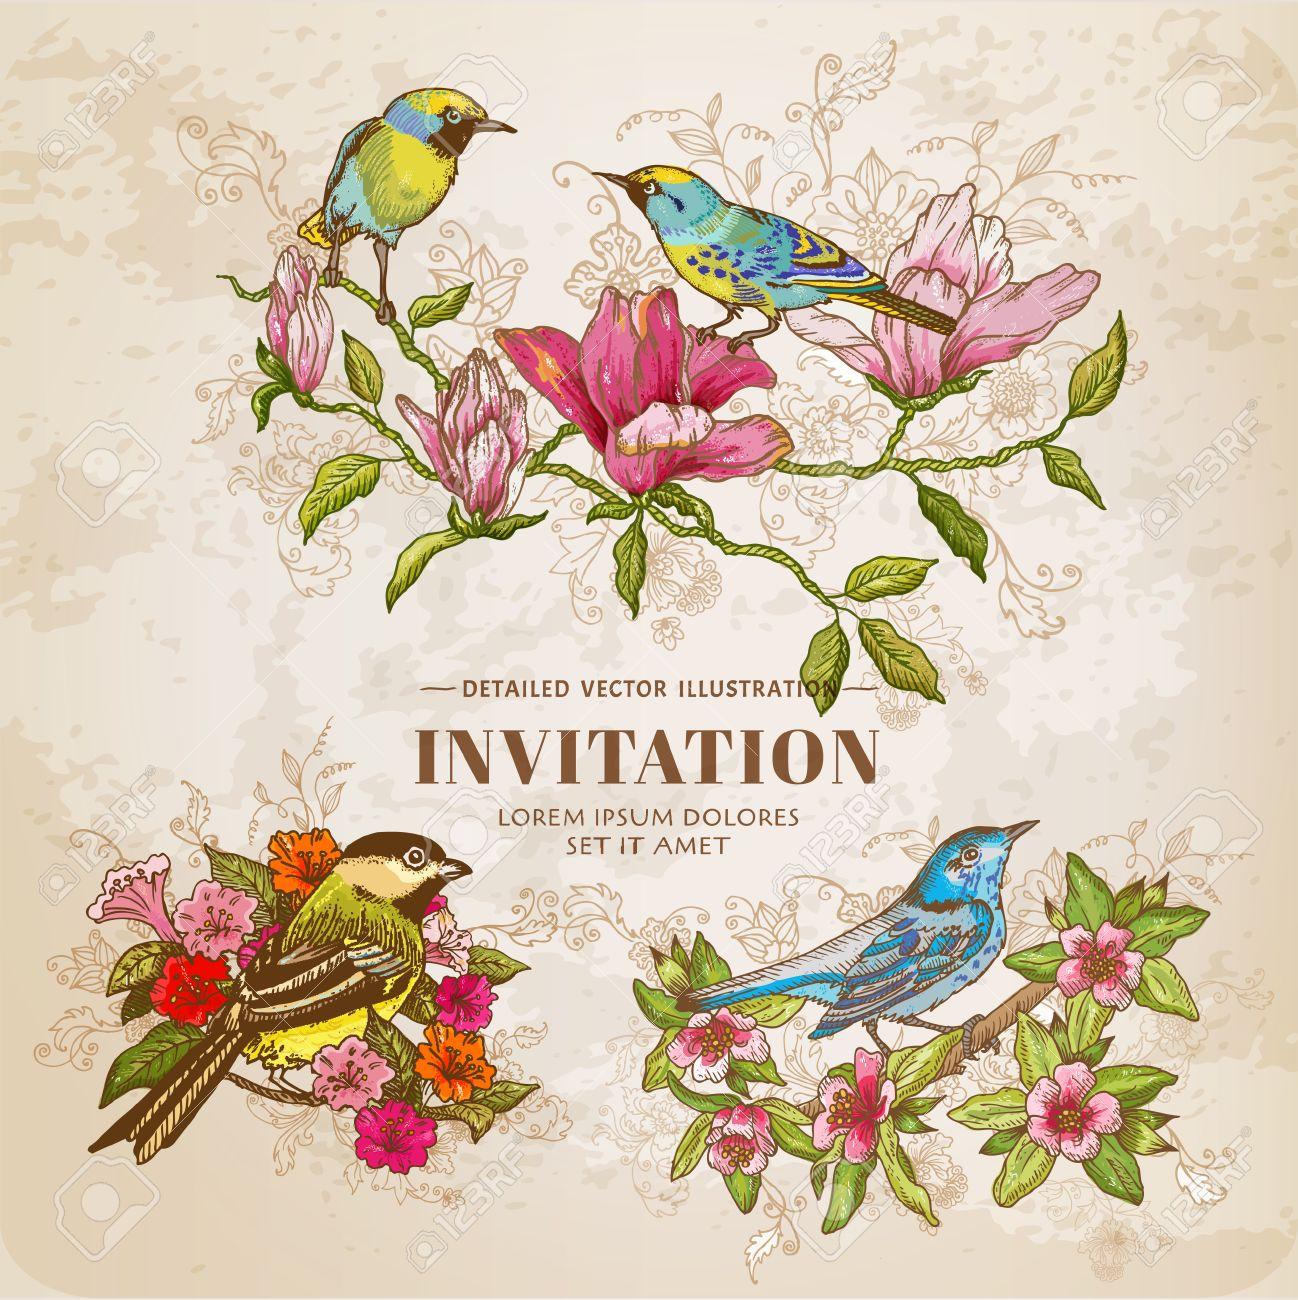 Conjunto De Vintage Flores Y Pajaros Ilustracion Dibujado A Mano